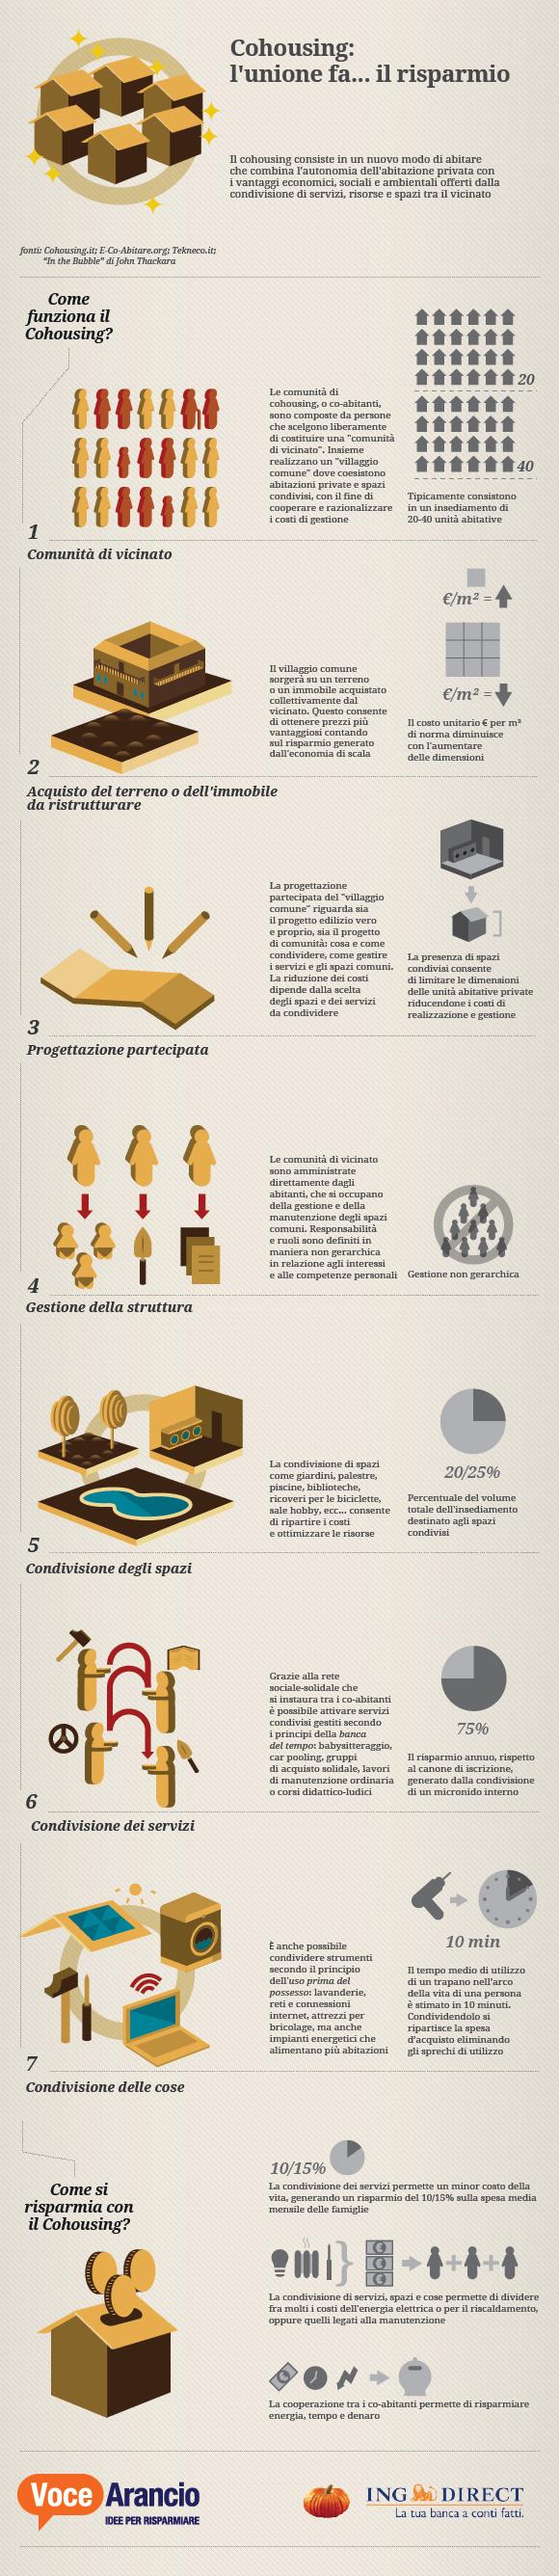 info8.jpg